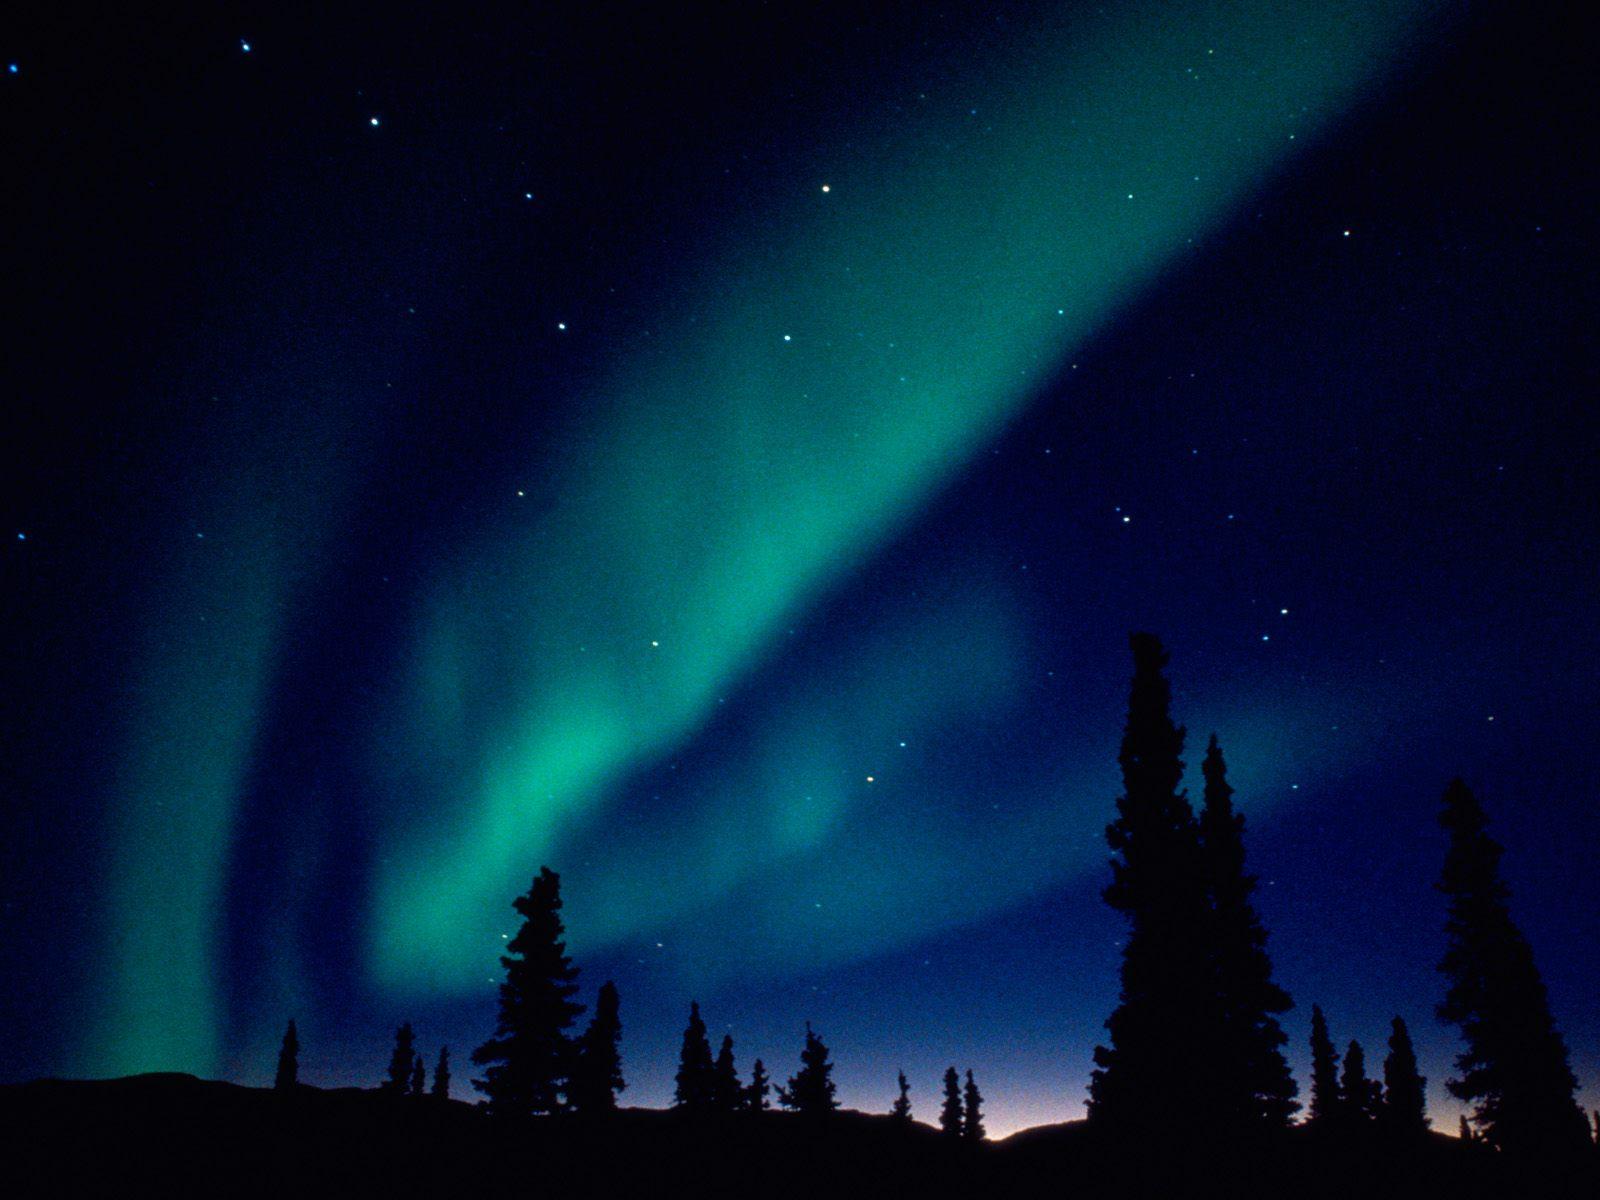 Wallpaper desktop della settimana 4 for Sfondi desktop aurora boreale